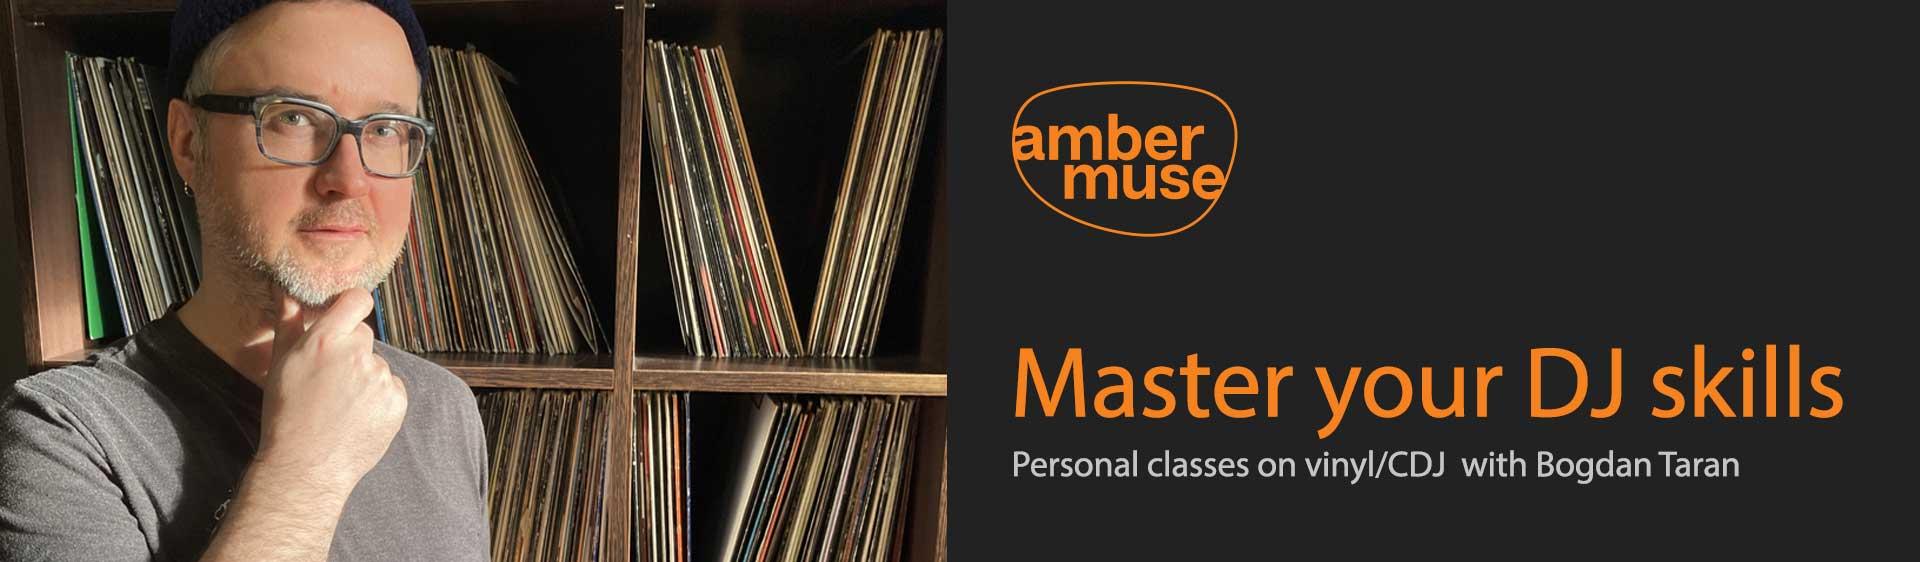 Amber Muse dj Class Header ENG